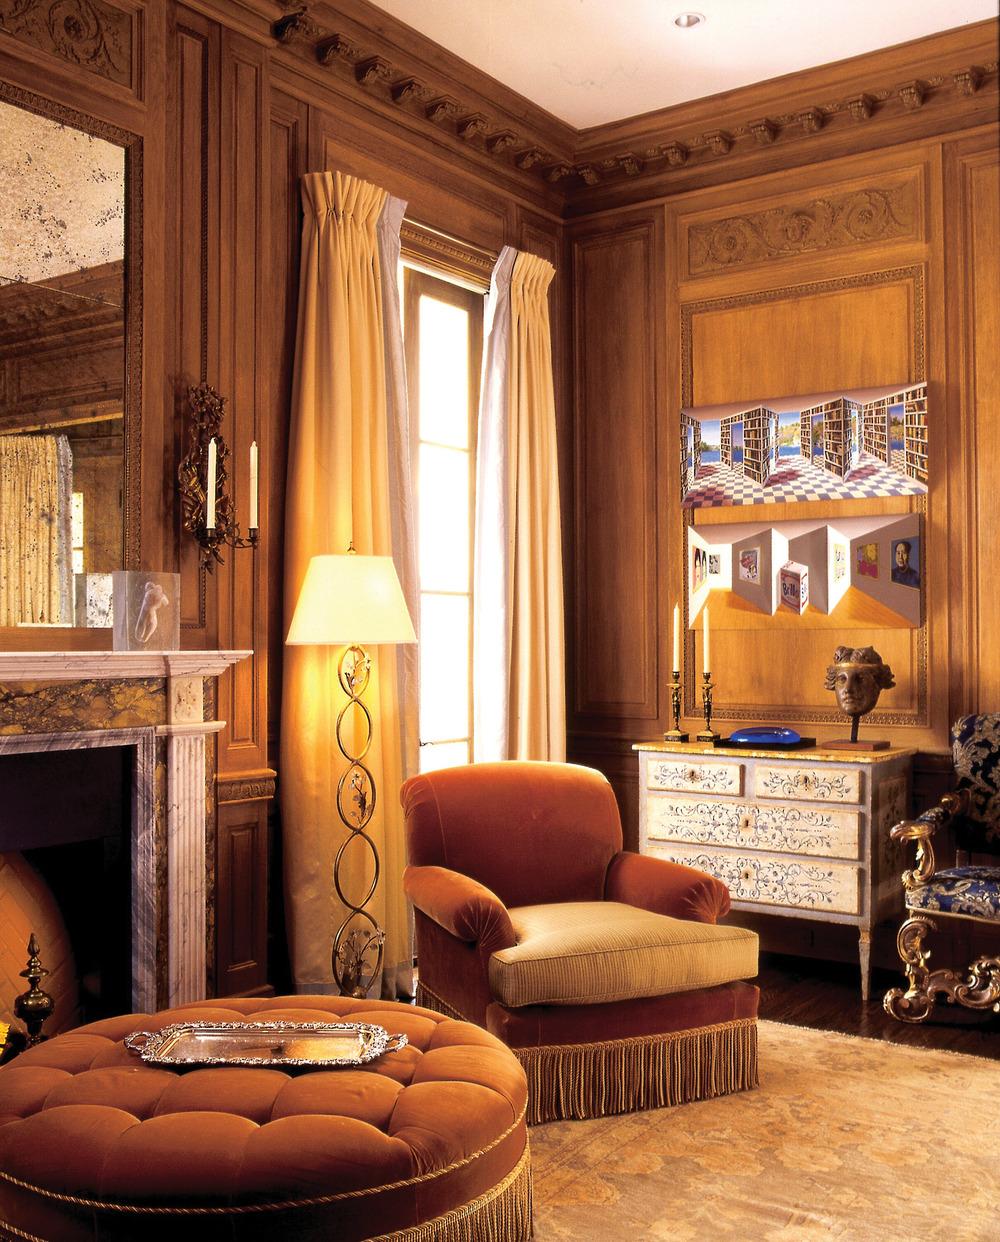 設計師希望將宅邸的臥室打造成一個溫馨、華麗、柔美的空間,讓主人可以感受到它的舒適和私密。意大利十七世紀的古董扶手椅,十八世紀的四斗櫃令空間愈發溫潤。精緻的牆壁裝飾板也是來自十八世紀的法國建築內。